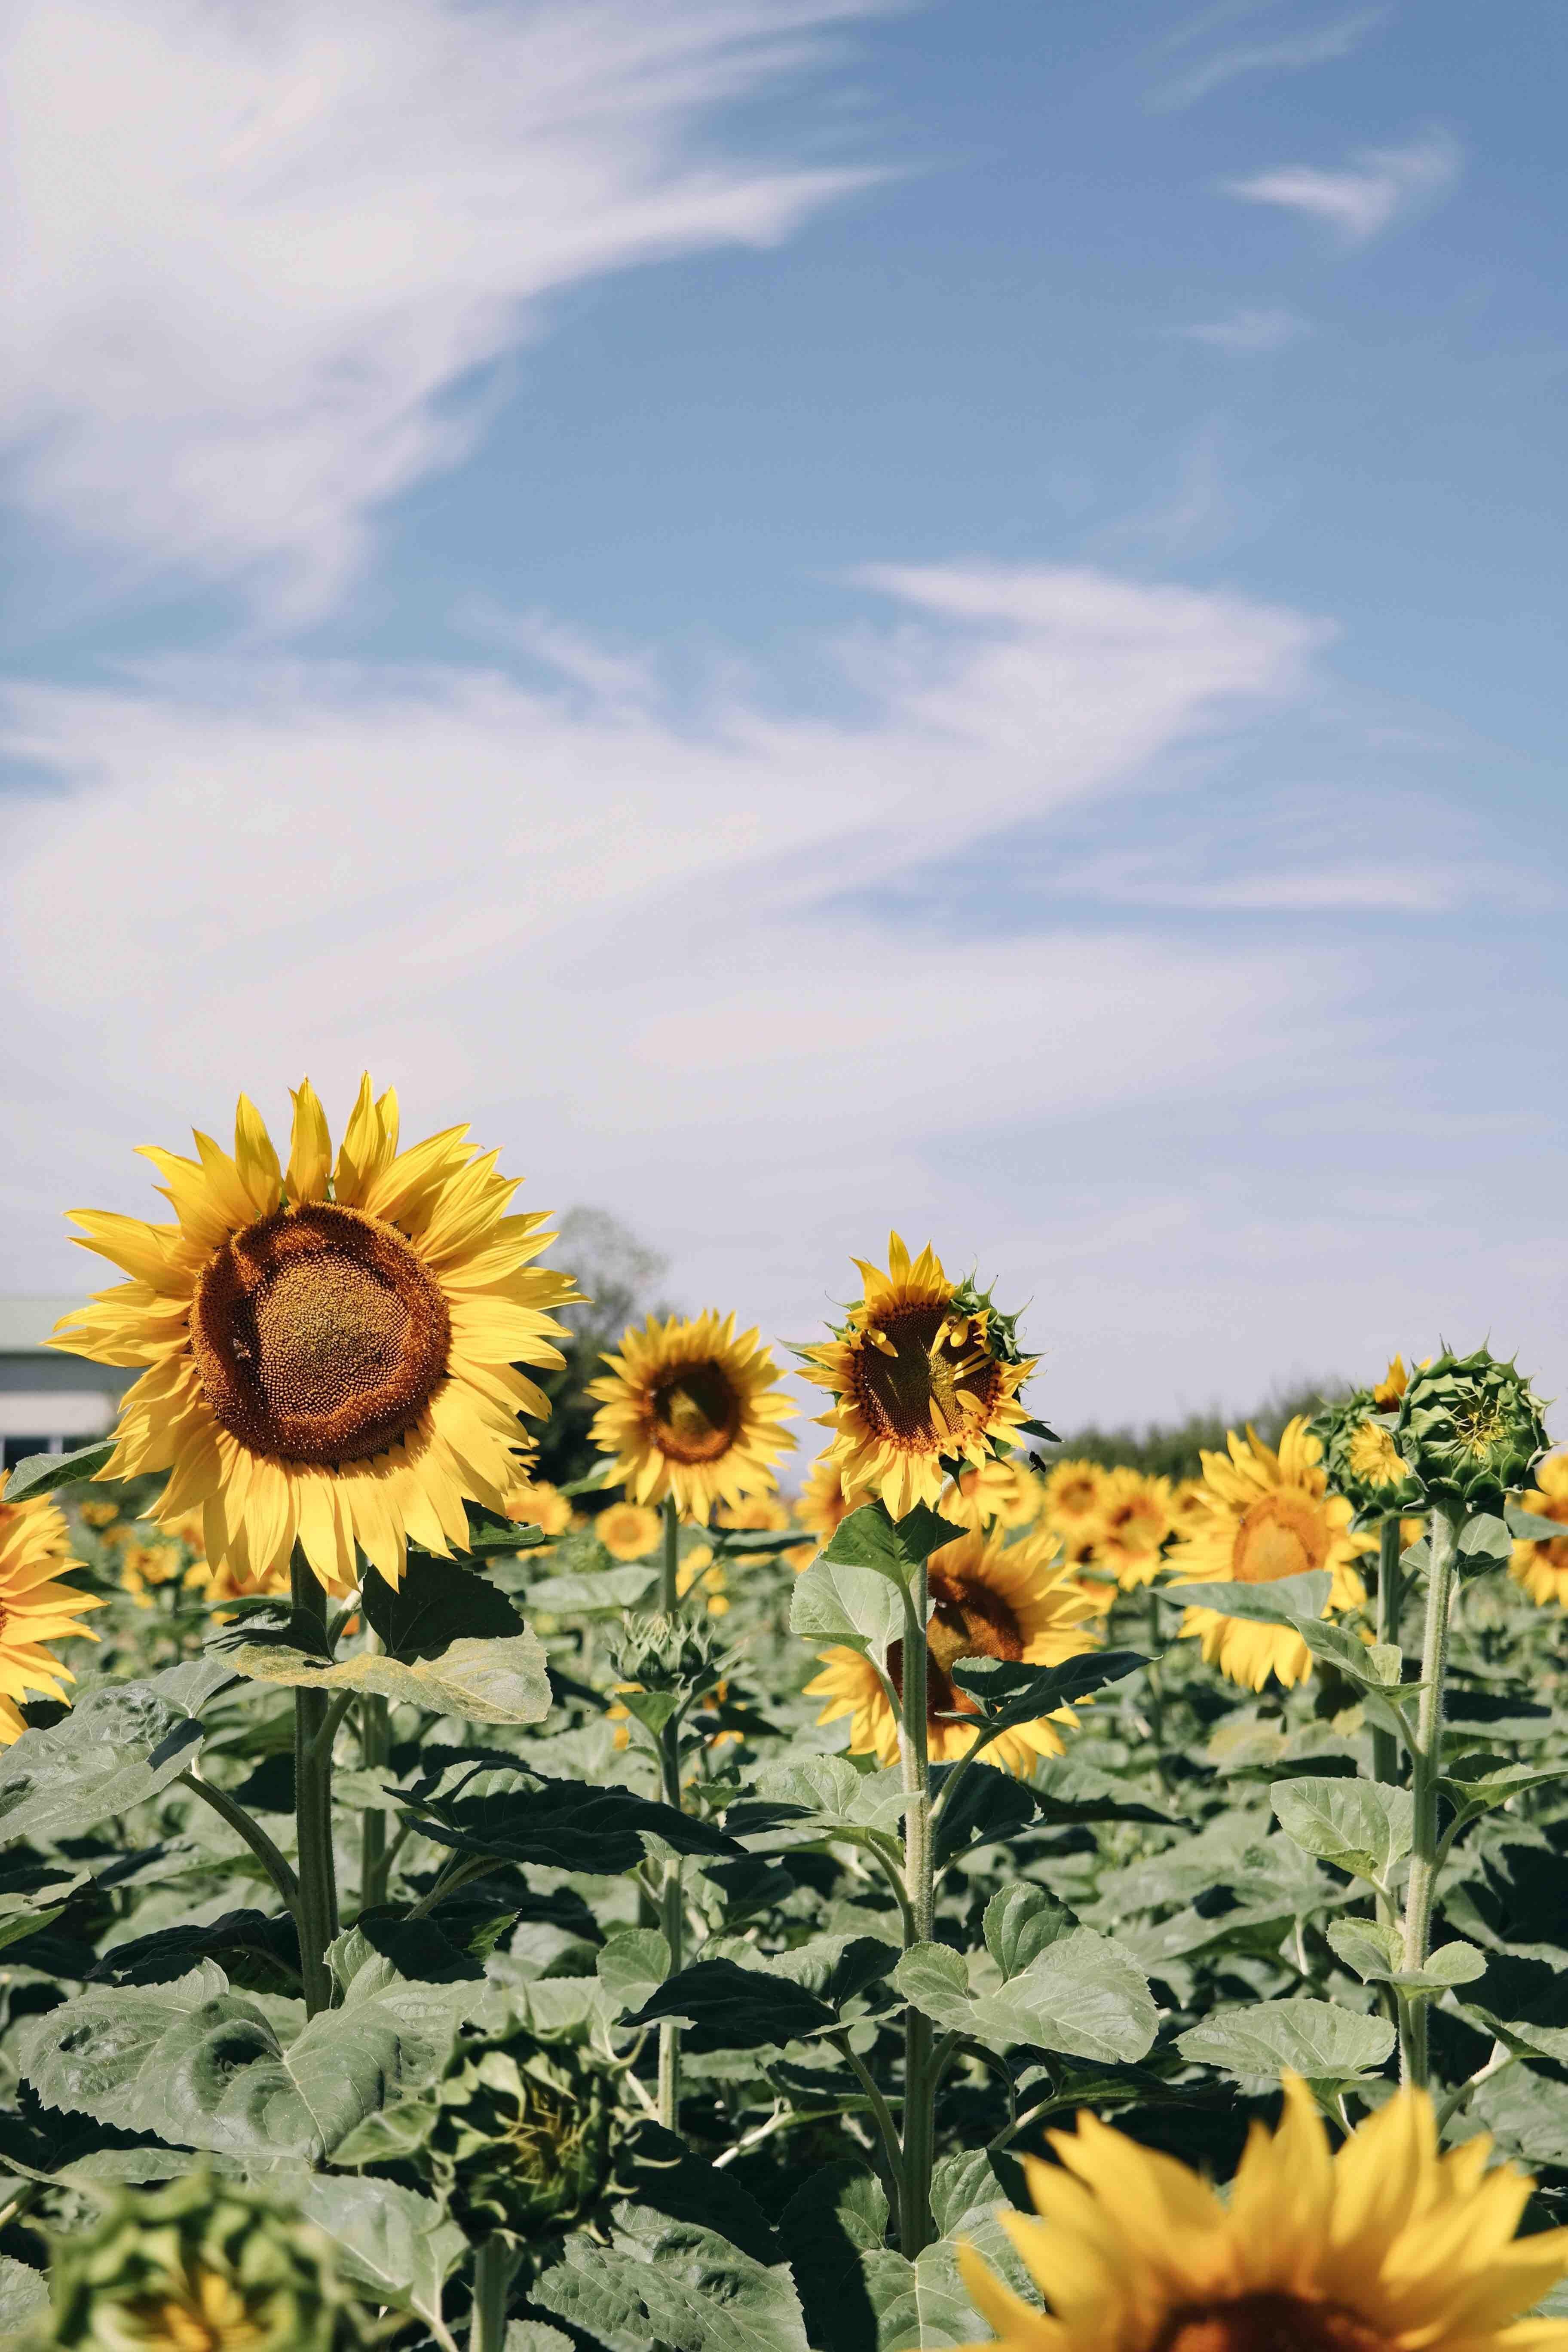 sunflower field under blue skies